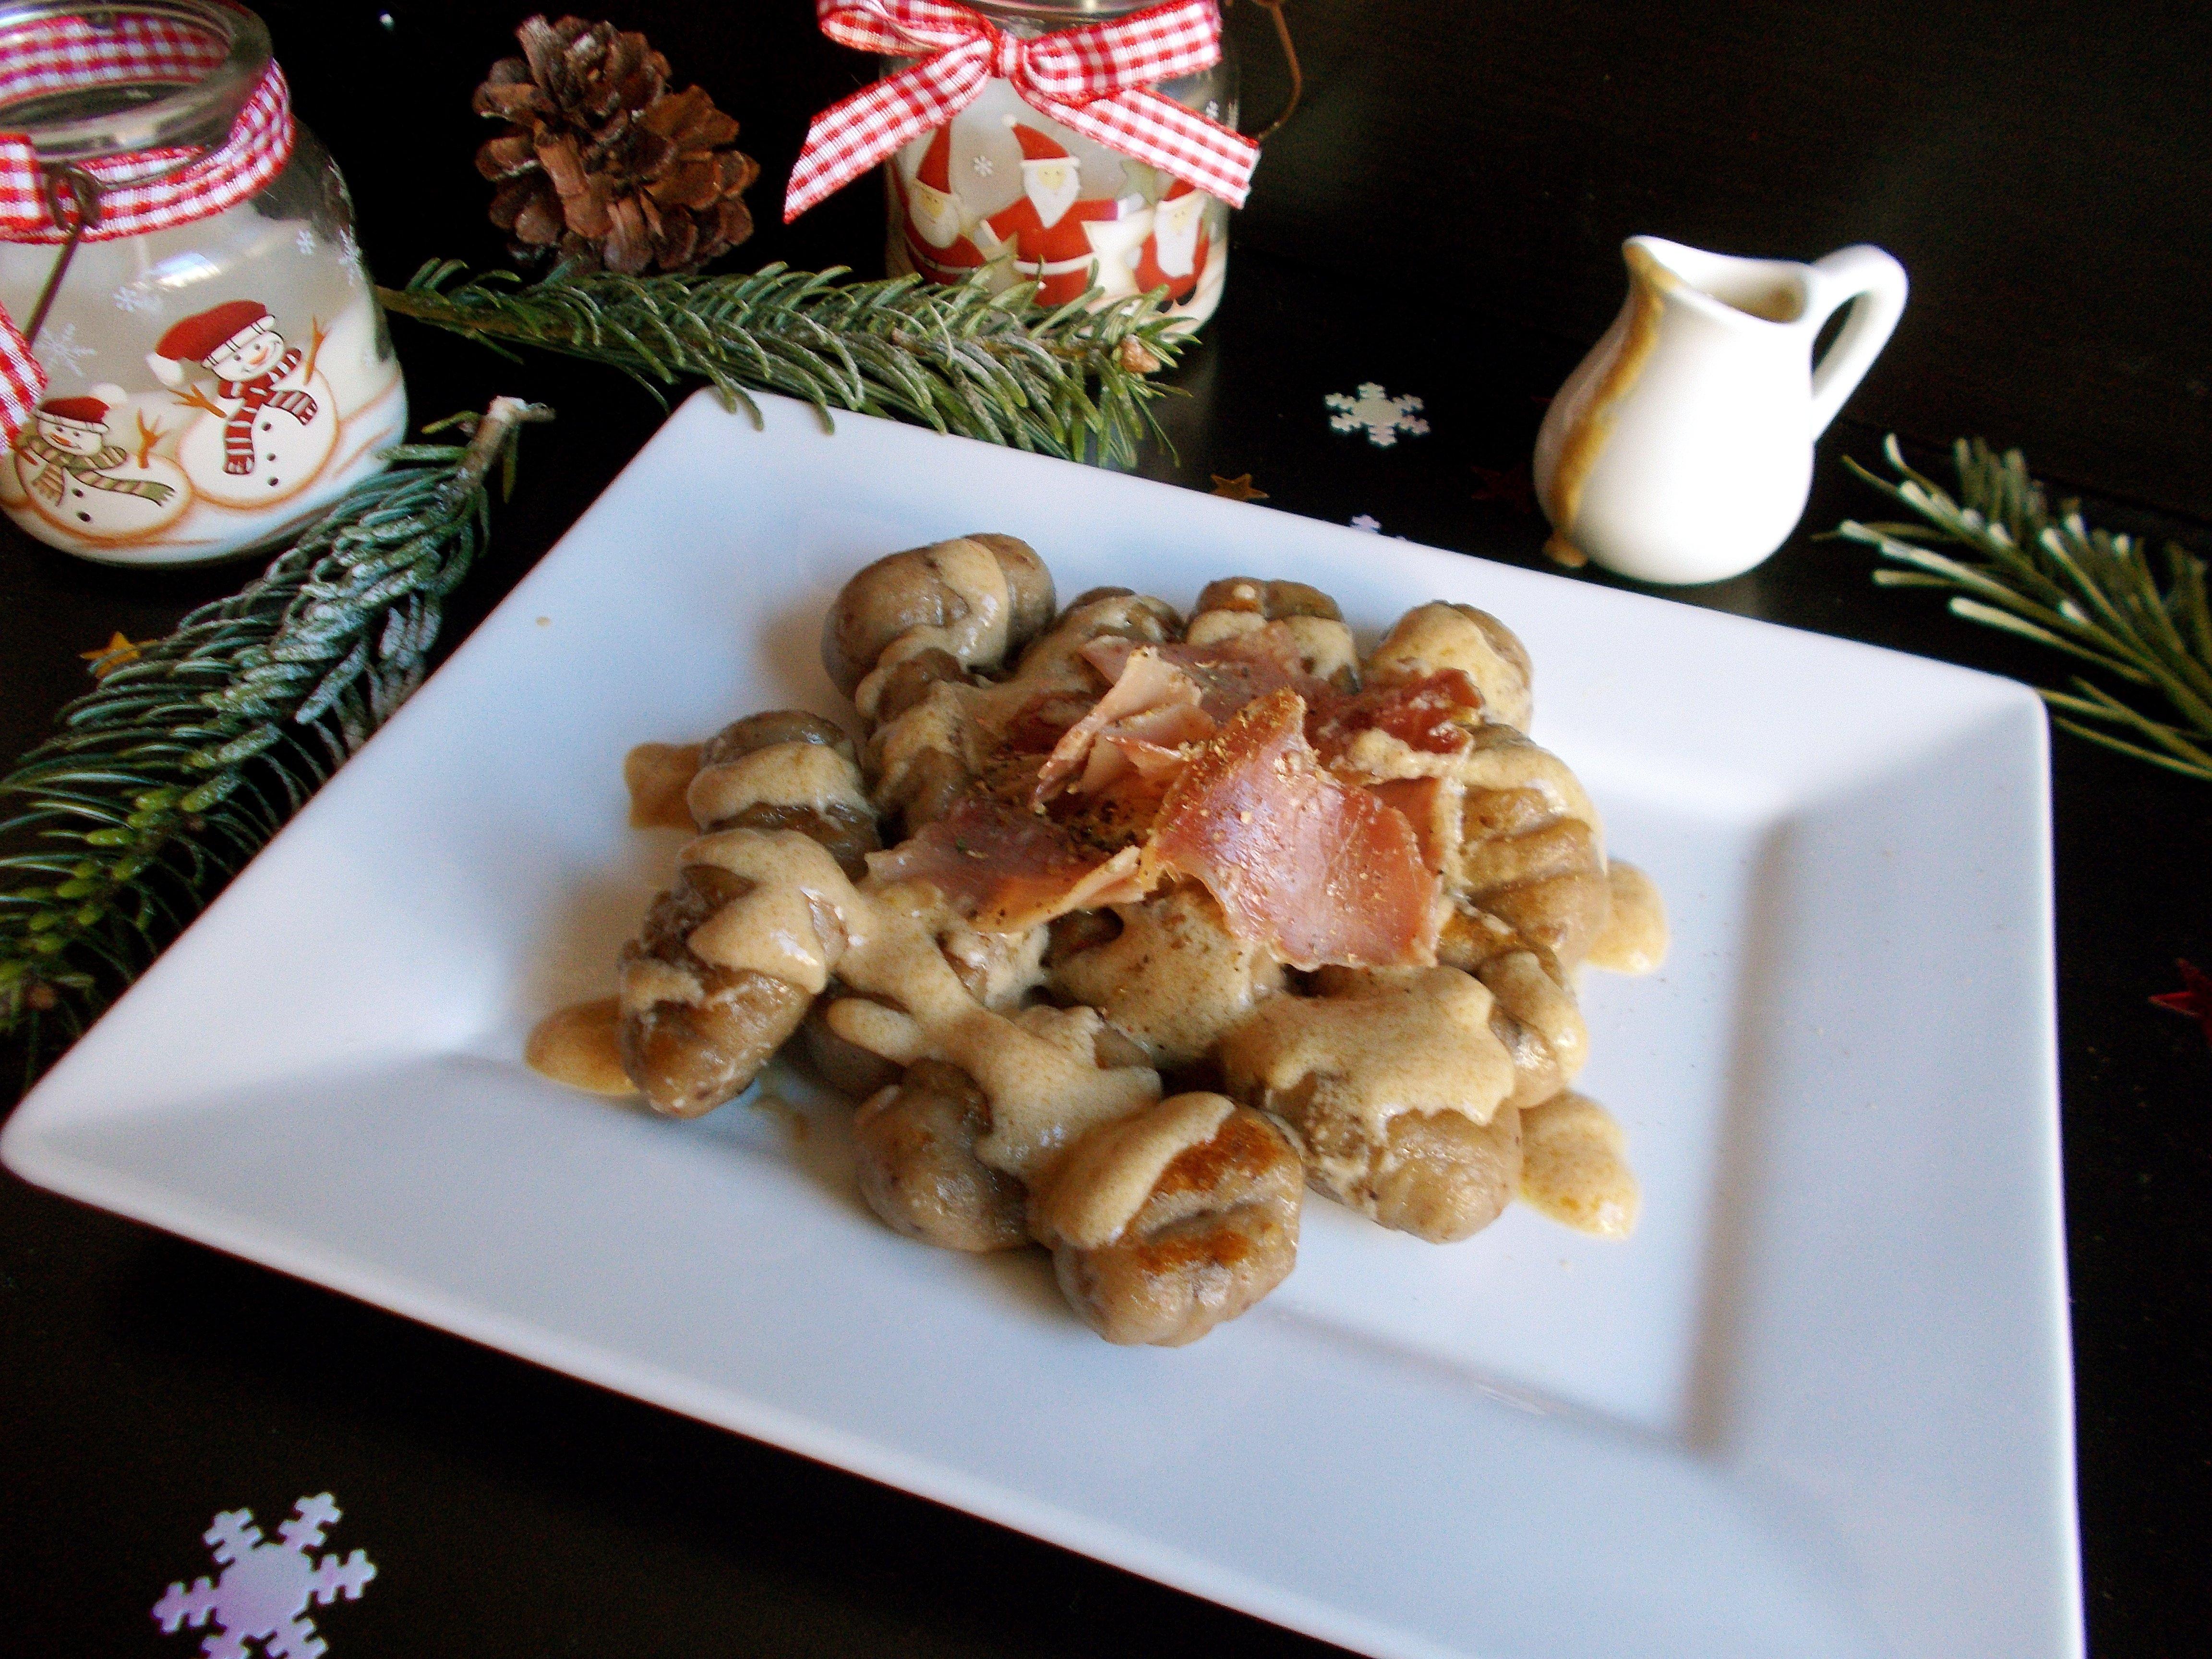 Gnocchi à la châtaigne sauce au foie gras